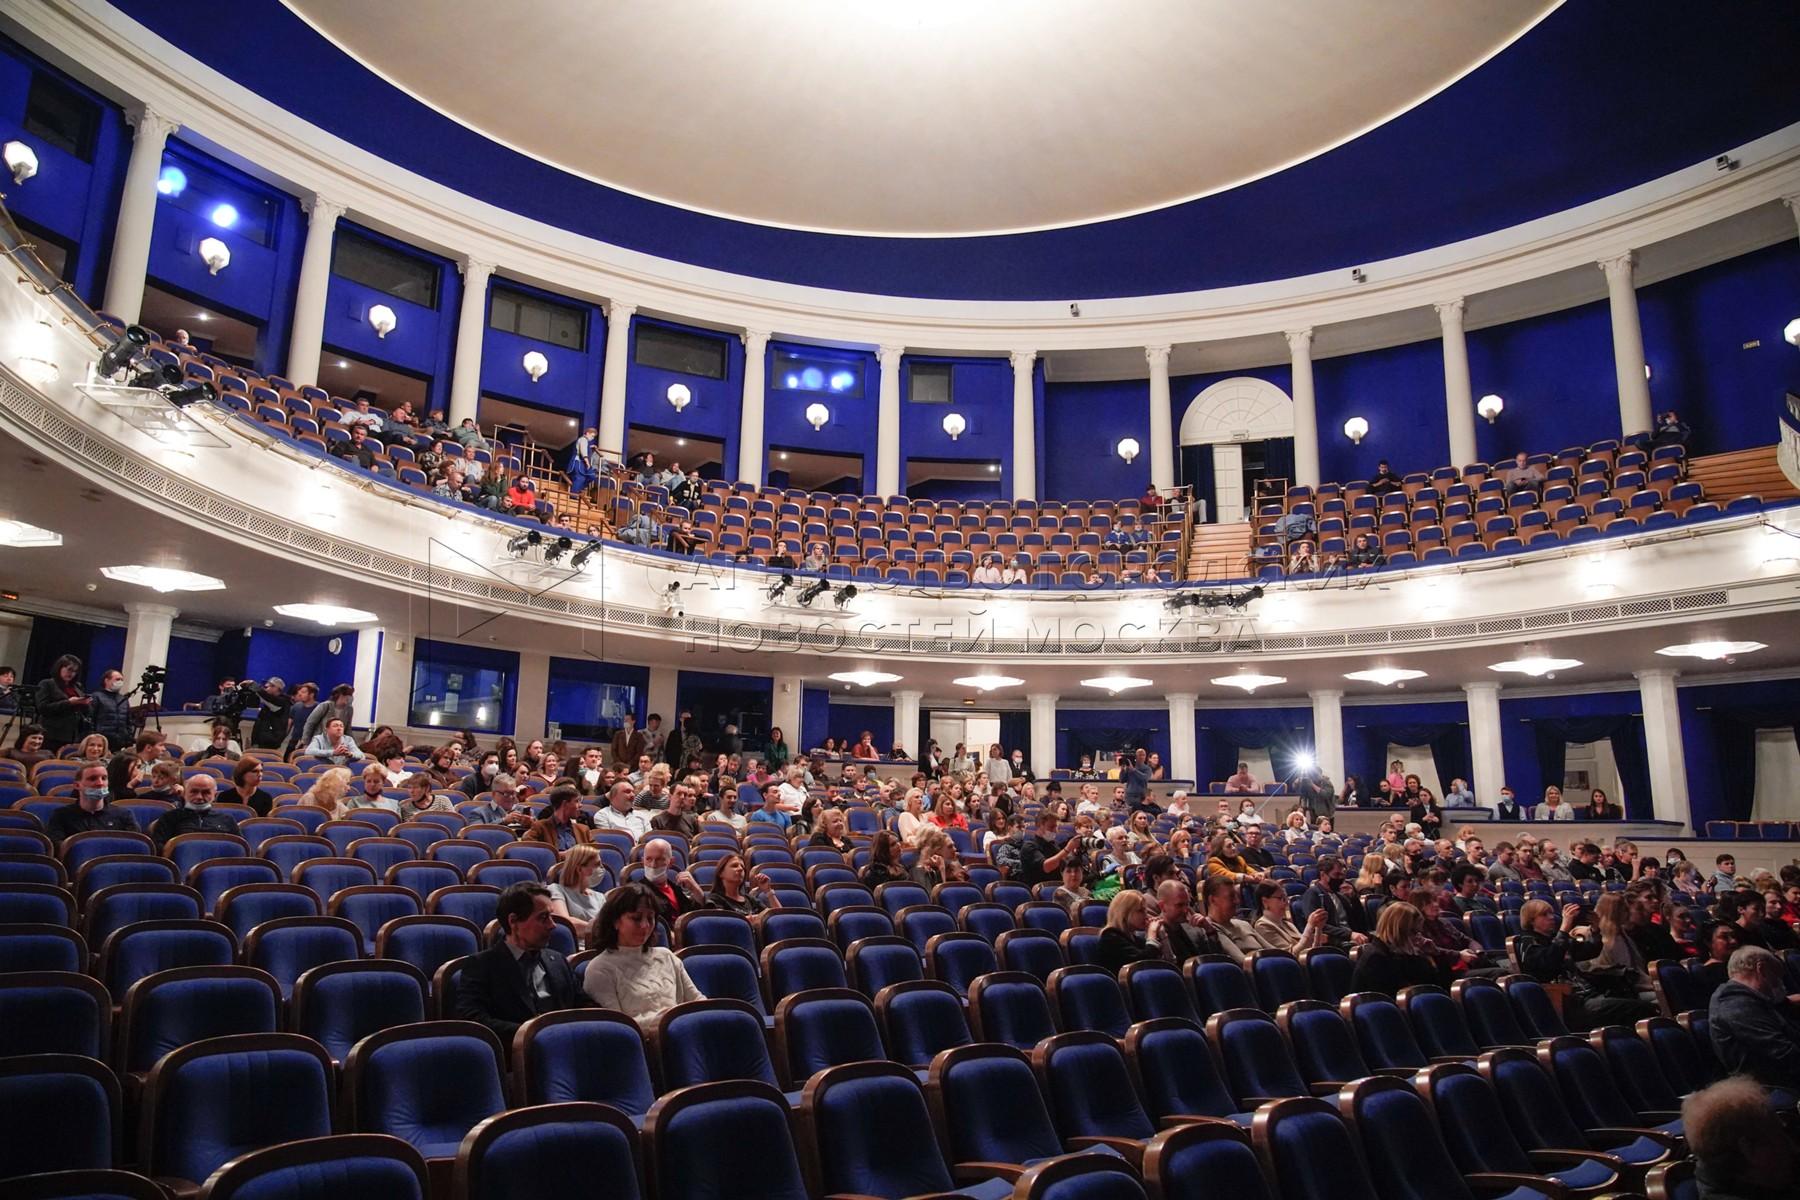 Сбор труппы в Московском академическом музыкальном театре имени Станиславского и Немировича-Данченко.